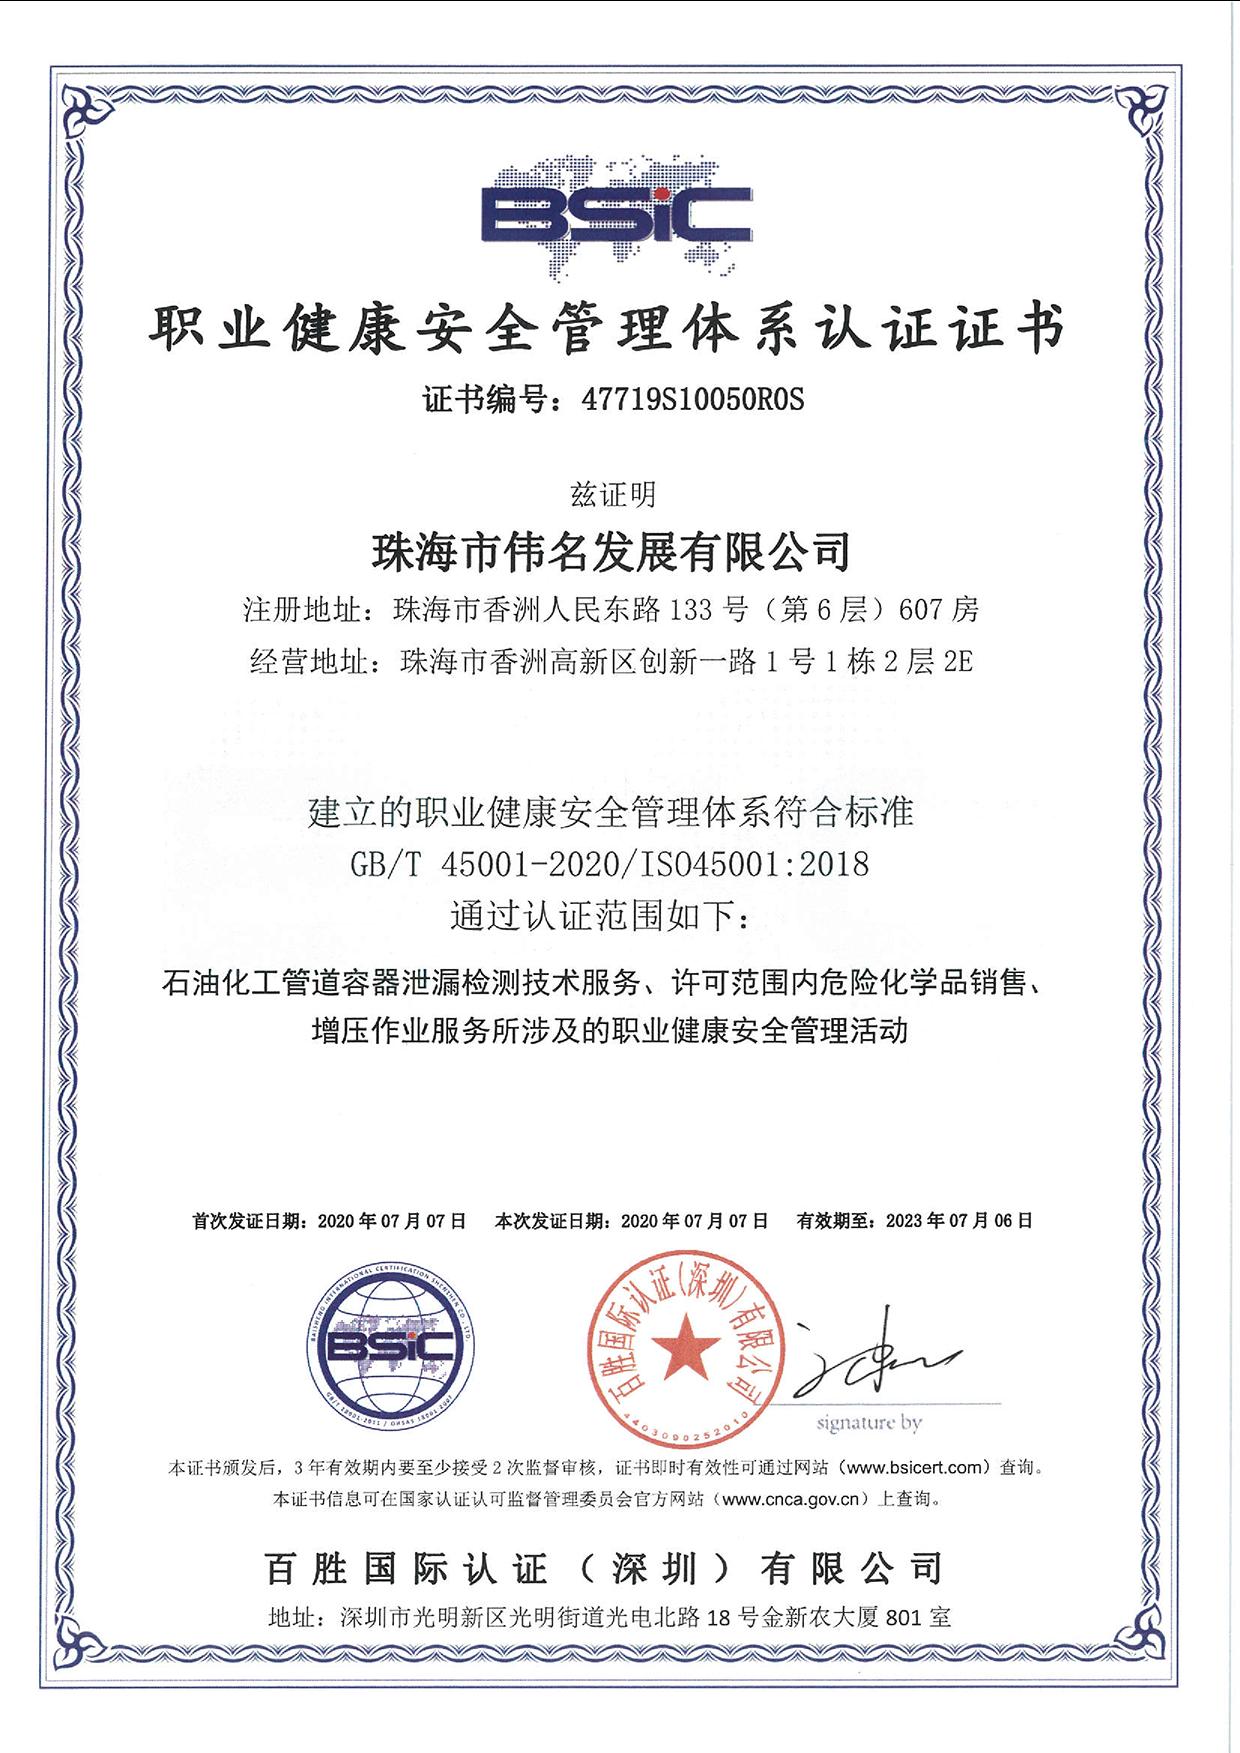 职业健康体系认证证书-(中文)